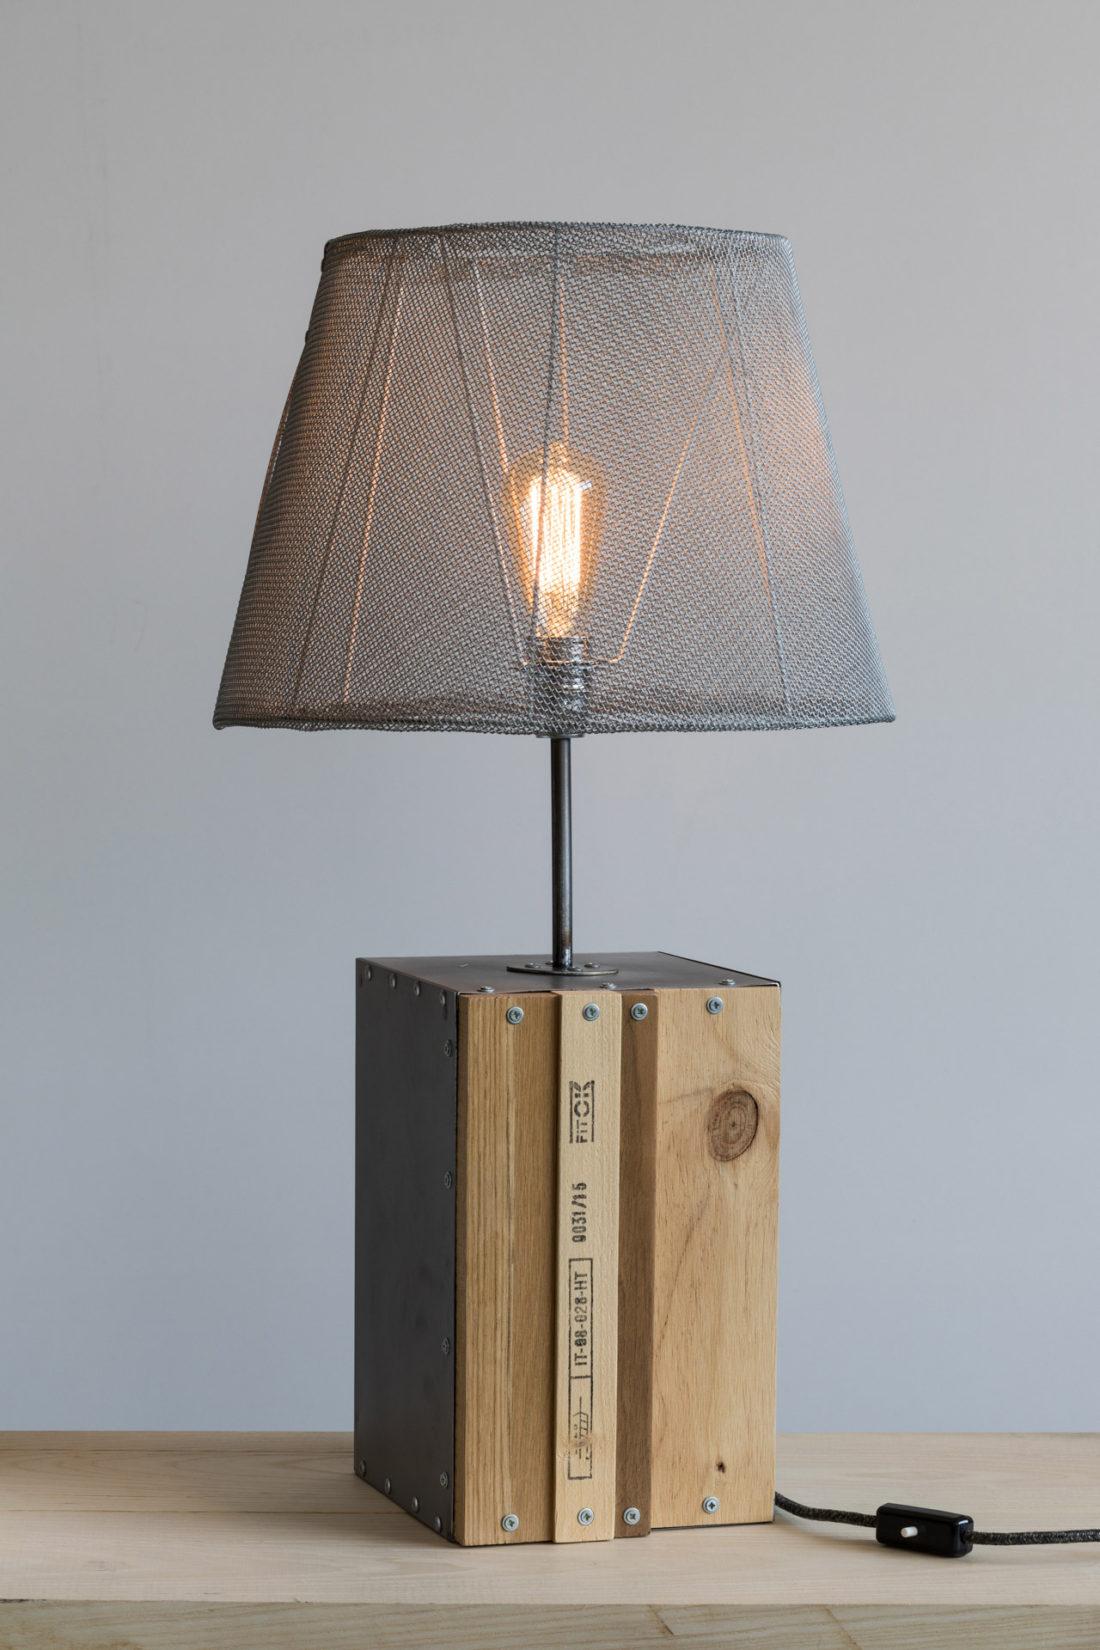 Lampada da tavolo Parallelepipedo cono illuminato, legno e ferro 220v E27